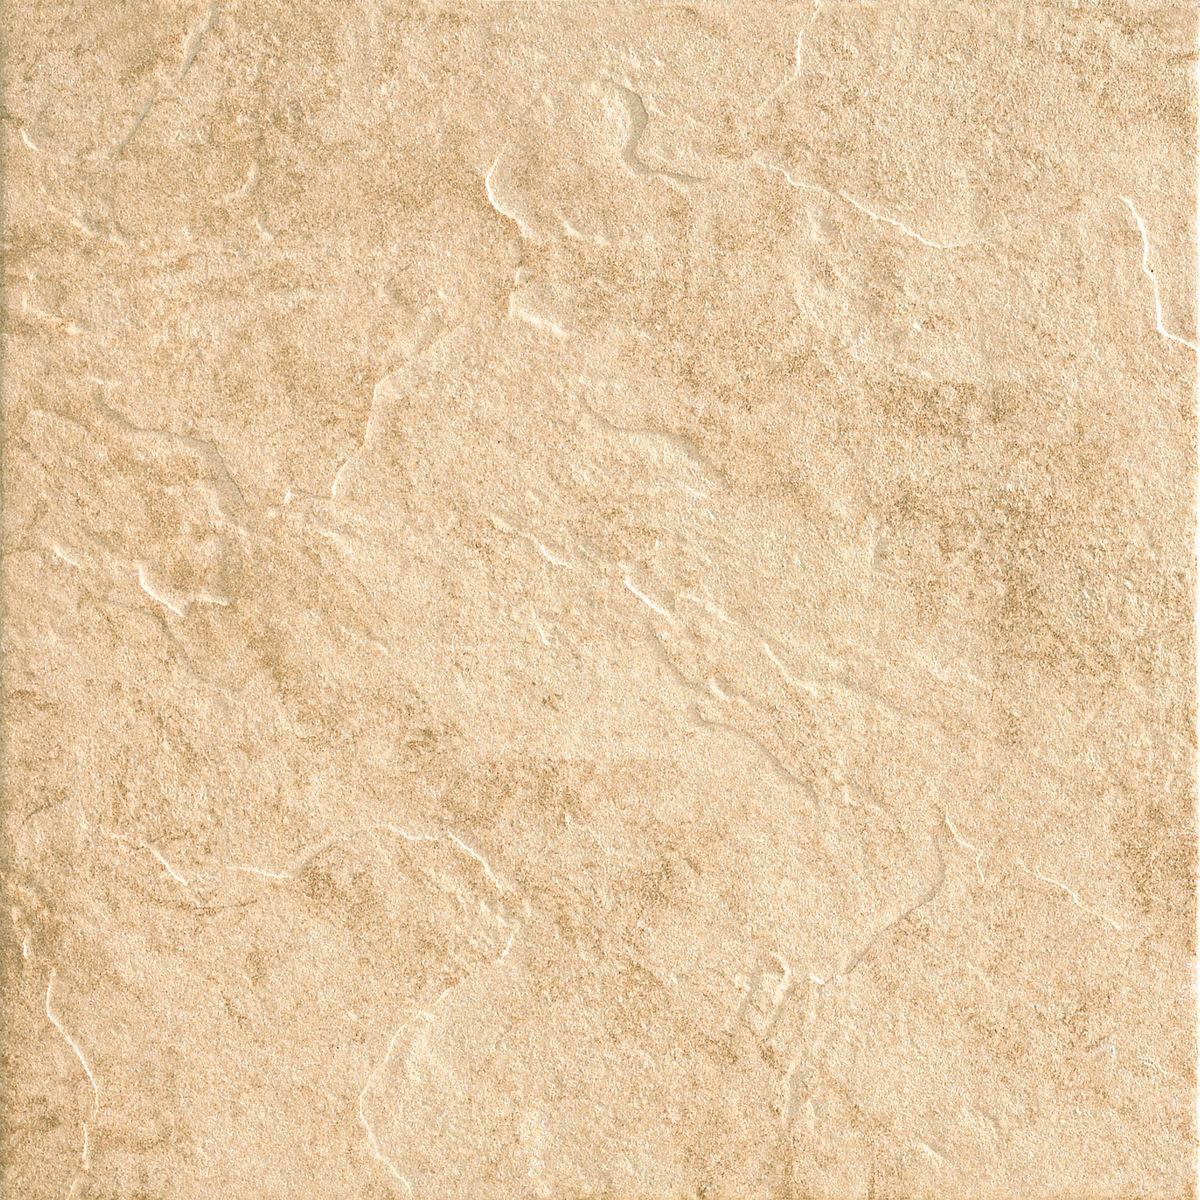 Керамогранит Zeus Ceramica Casa Geo Beige 30×30 Cp8112121p